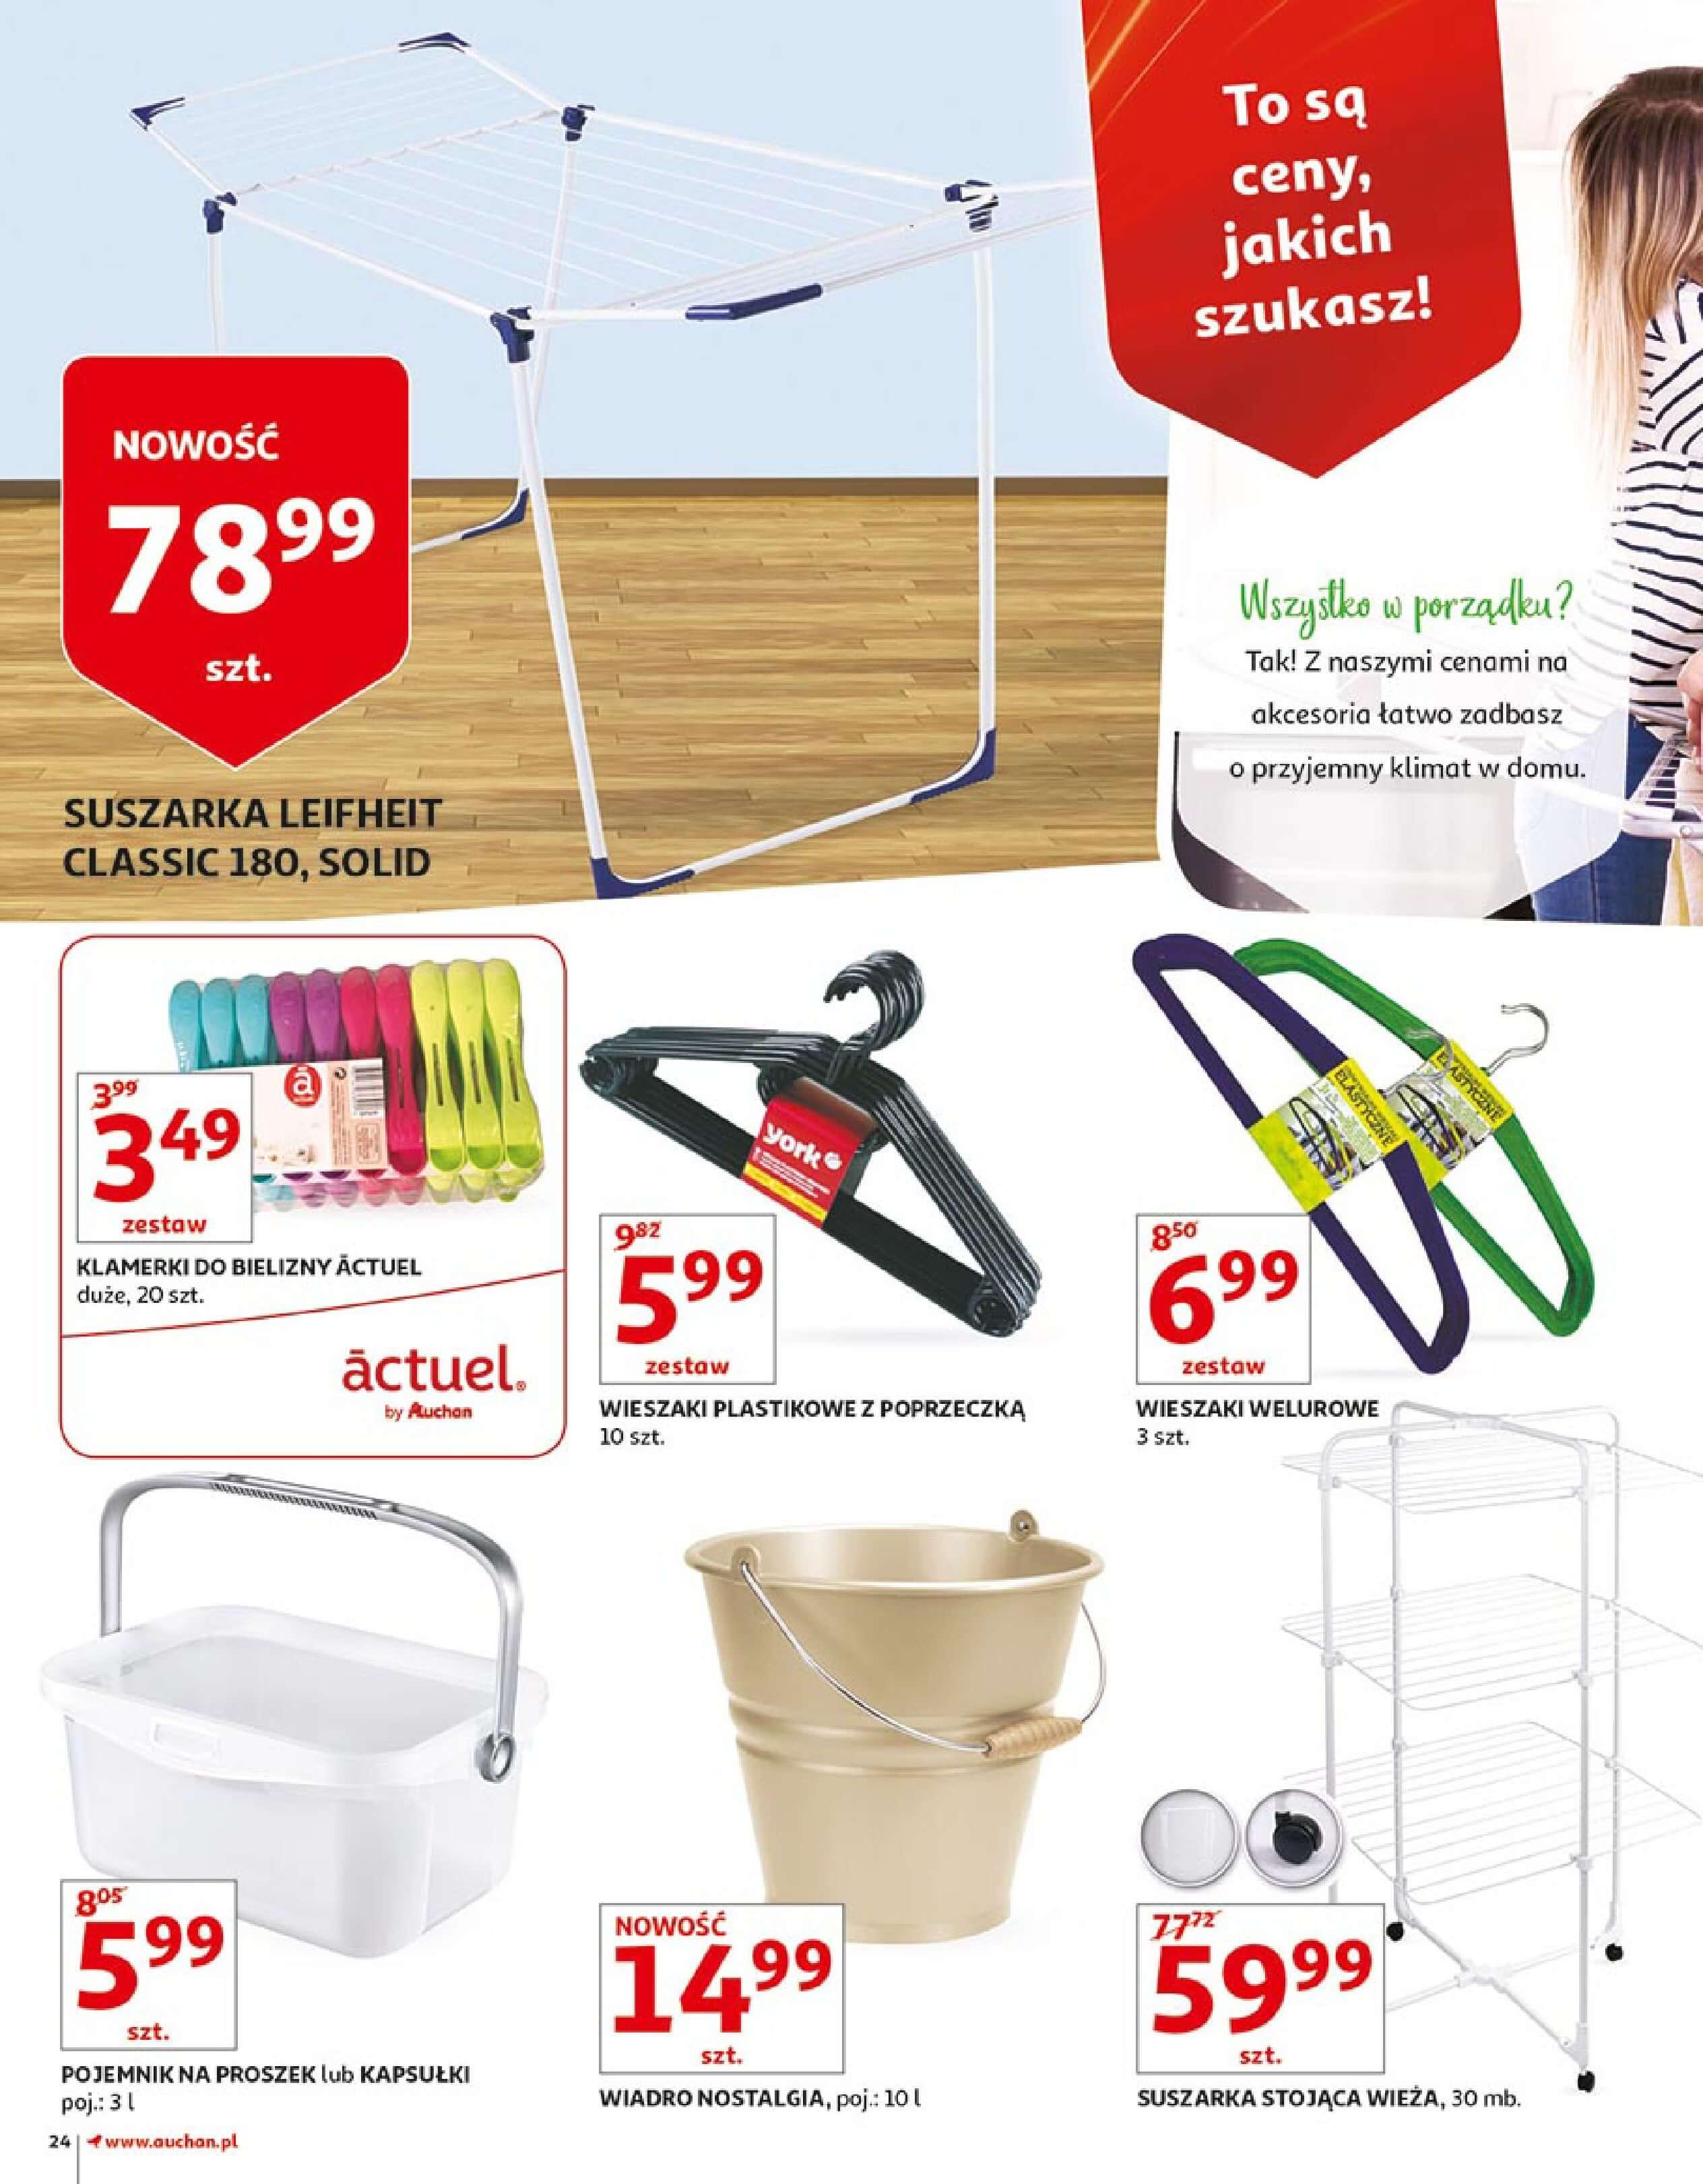 Gazetka Auchan - Zbijamy ceny zawodowo!-14.02.2018-22.02.2018-page-24